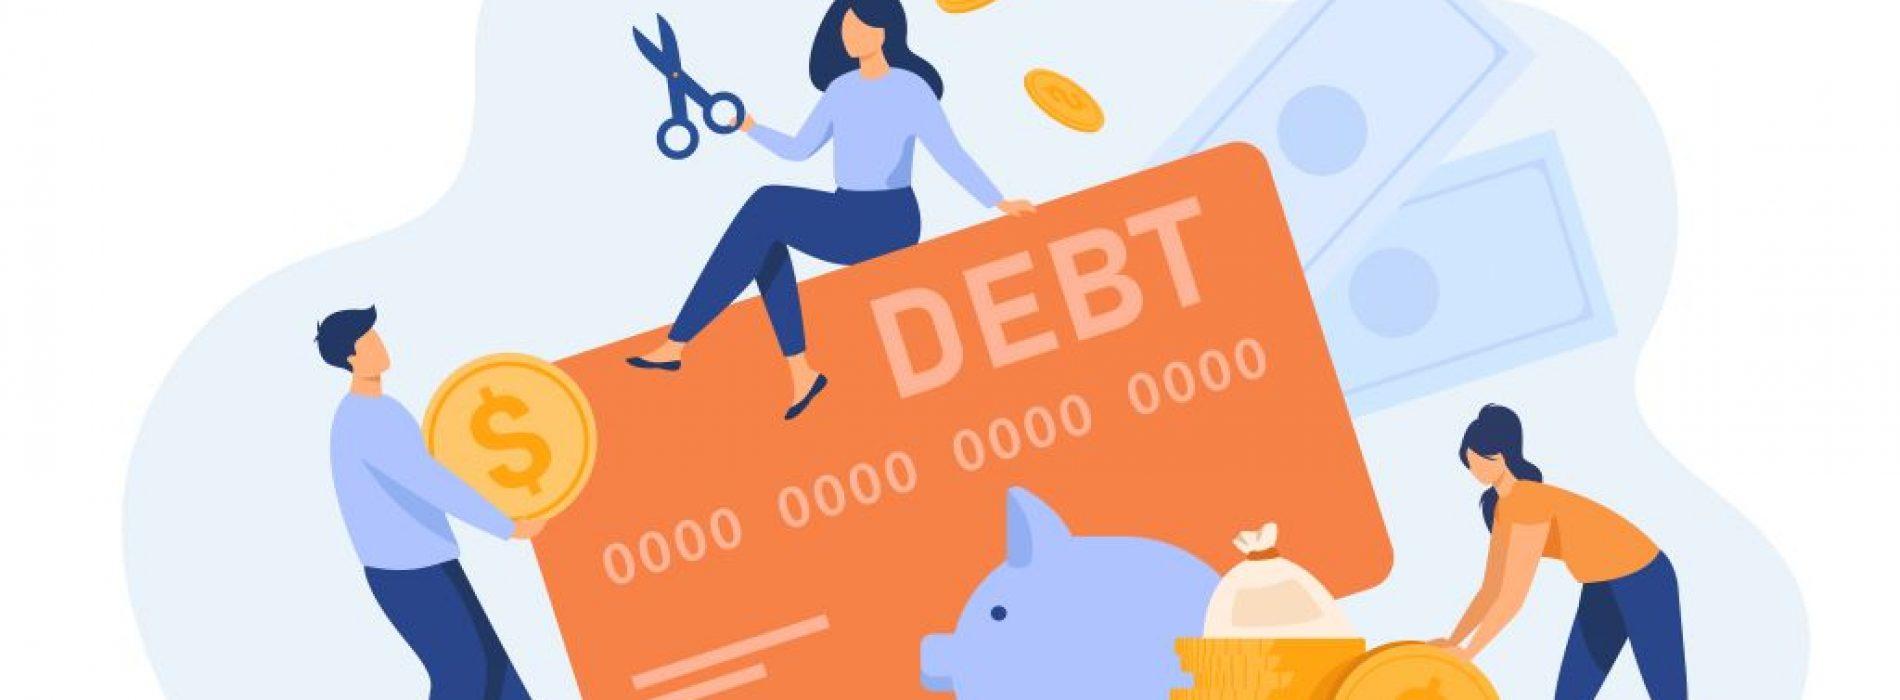 Финансова грамотност за начинаещи: пазете се от излишни заеми, кредити и овърдрафти